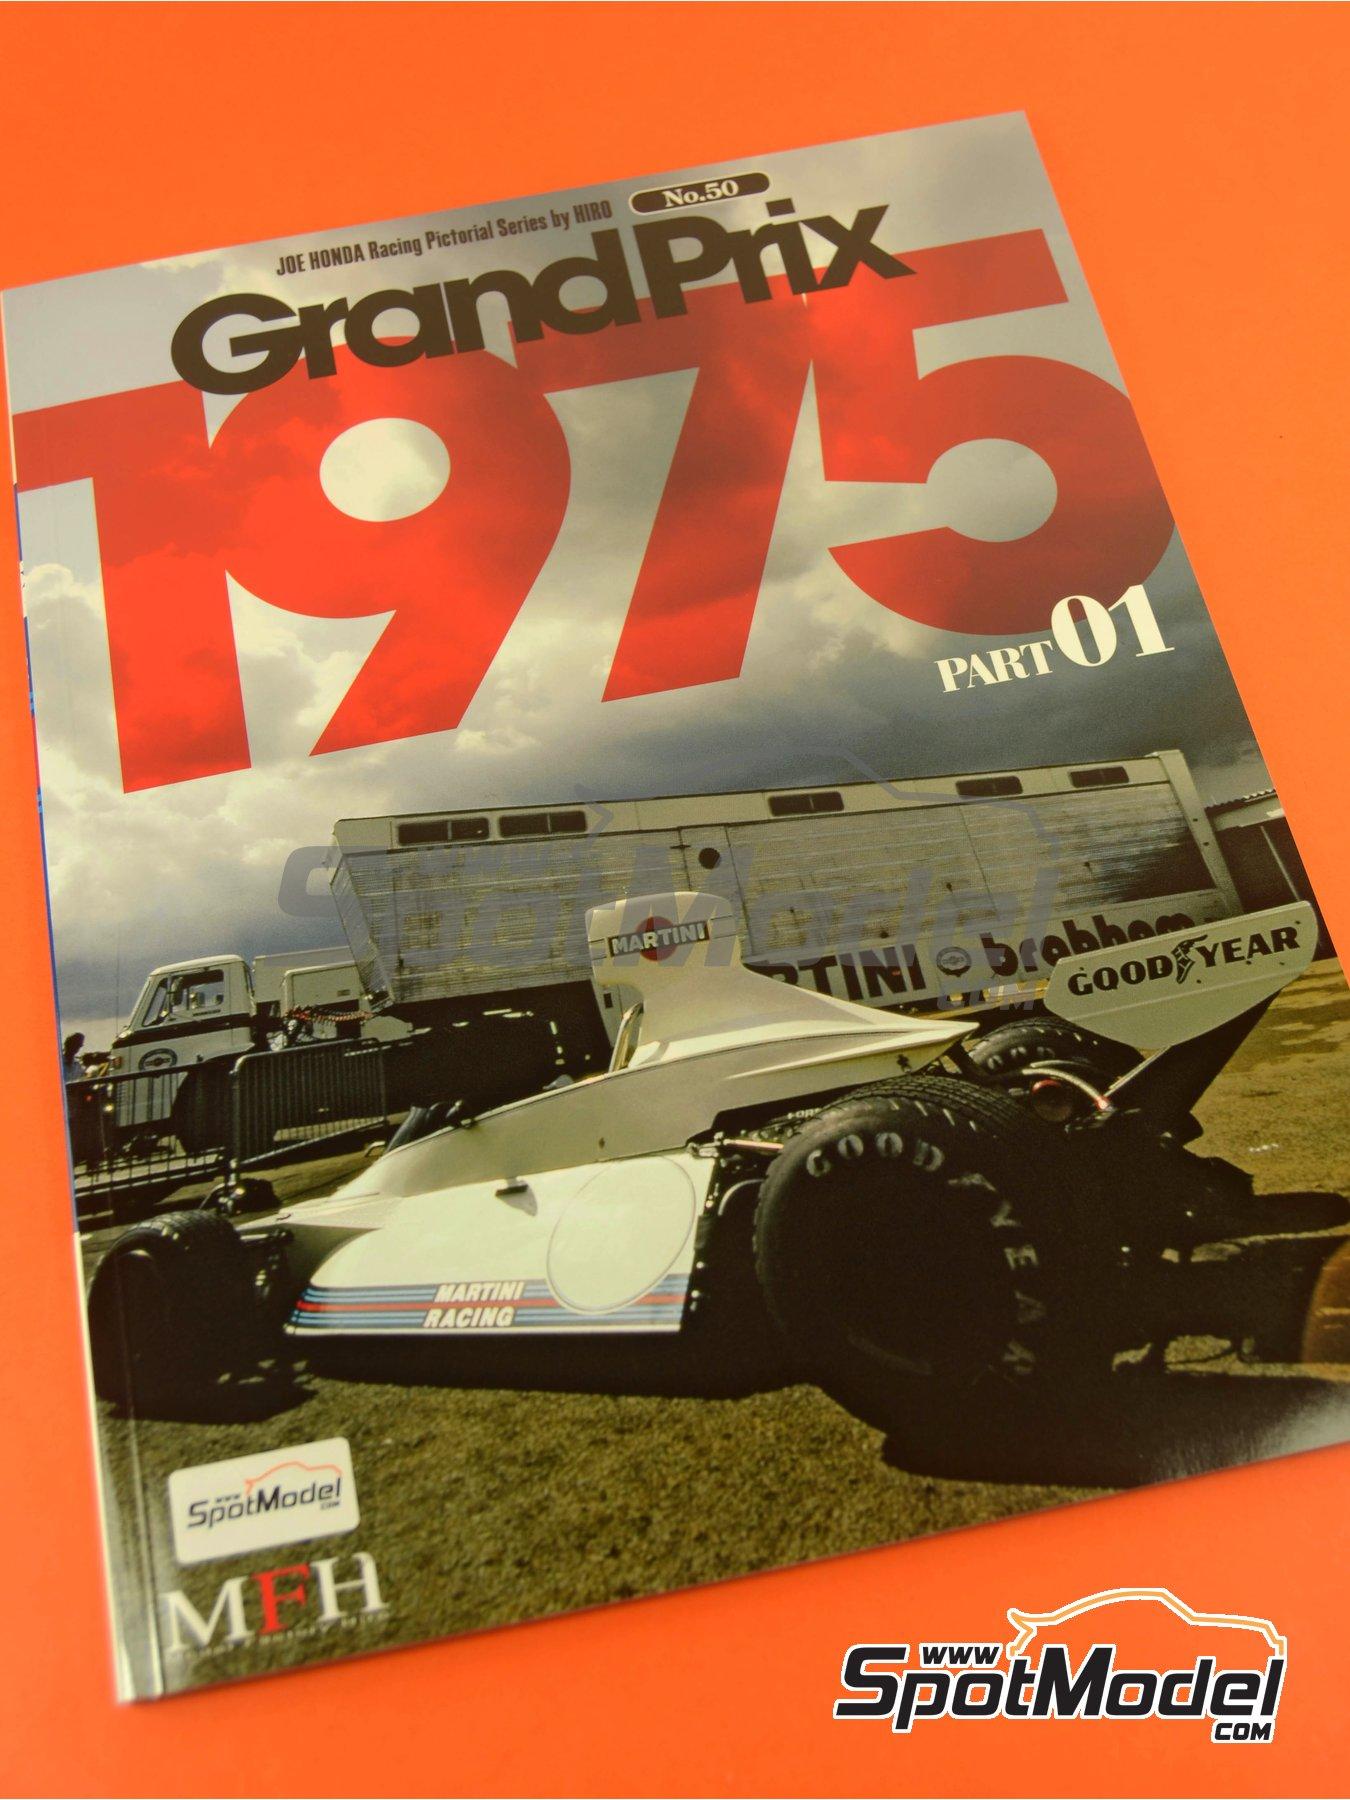 Joe Honda Racing Pictorial Series: Grand Prix, parte 1 -  1975 | Libro de referencia fabricado por Model Factory Hiro (ref.MFH-JH50) image